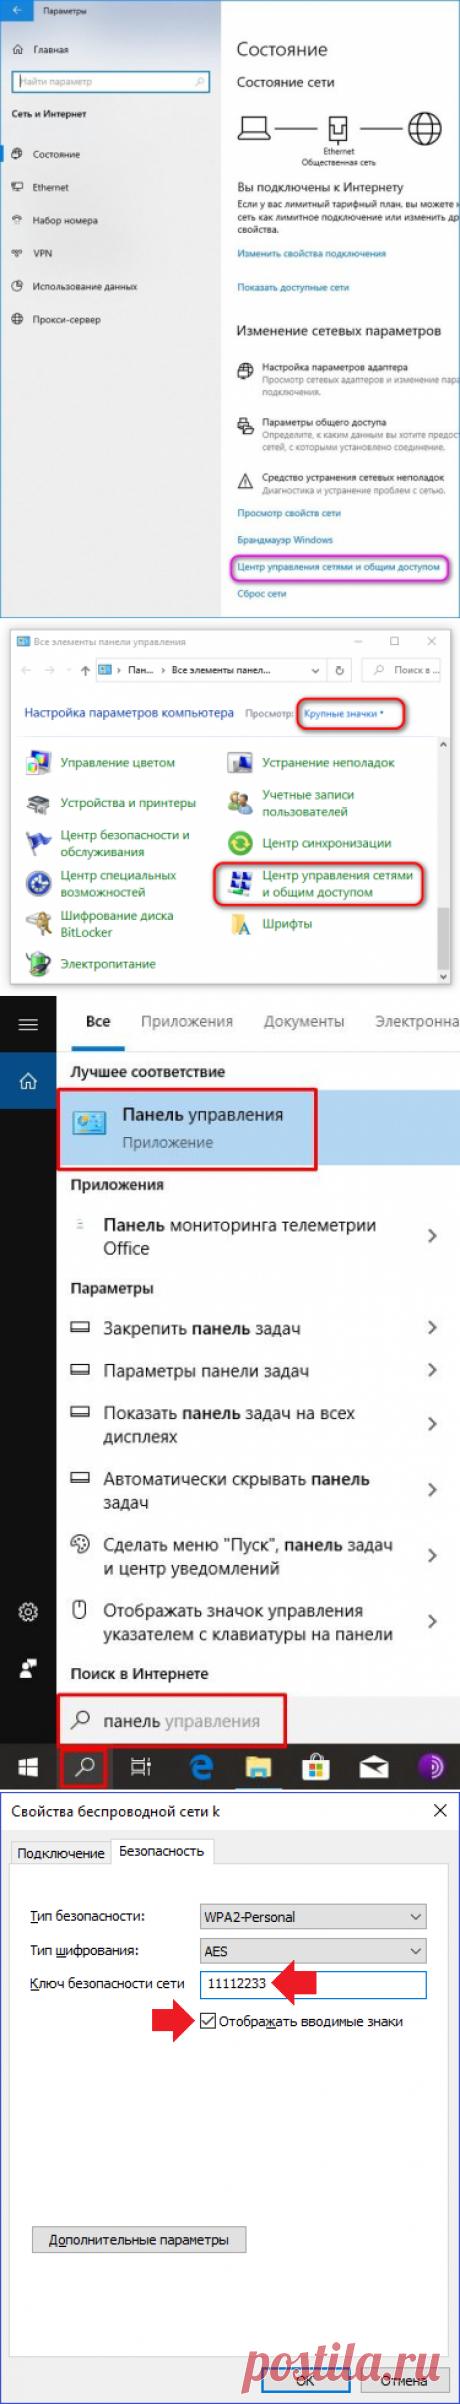 Как посмотреть пароль от Wi-Fi на компьютере Виндовс 10. 3 способа как узнать пароль.